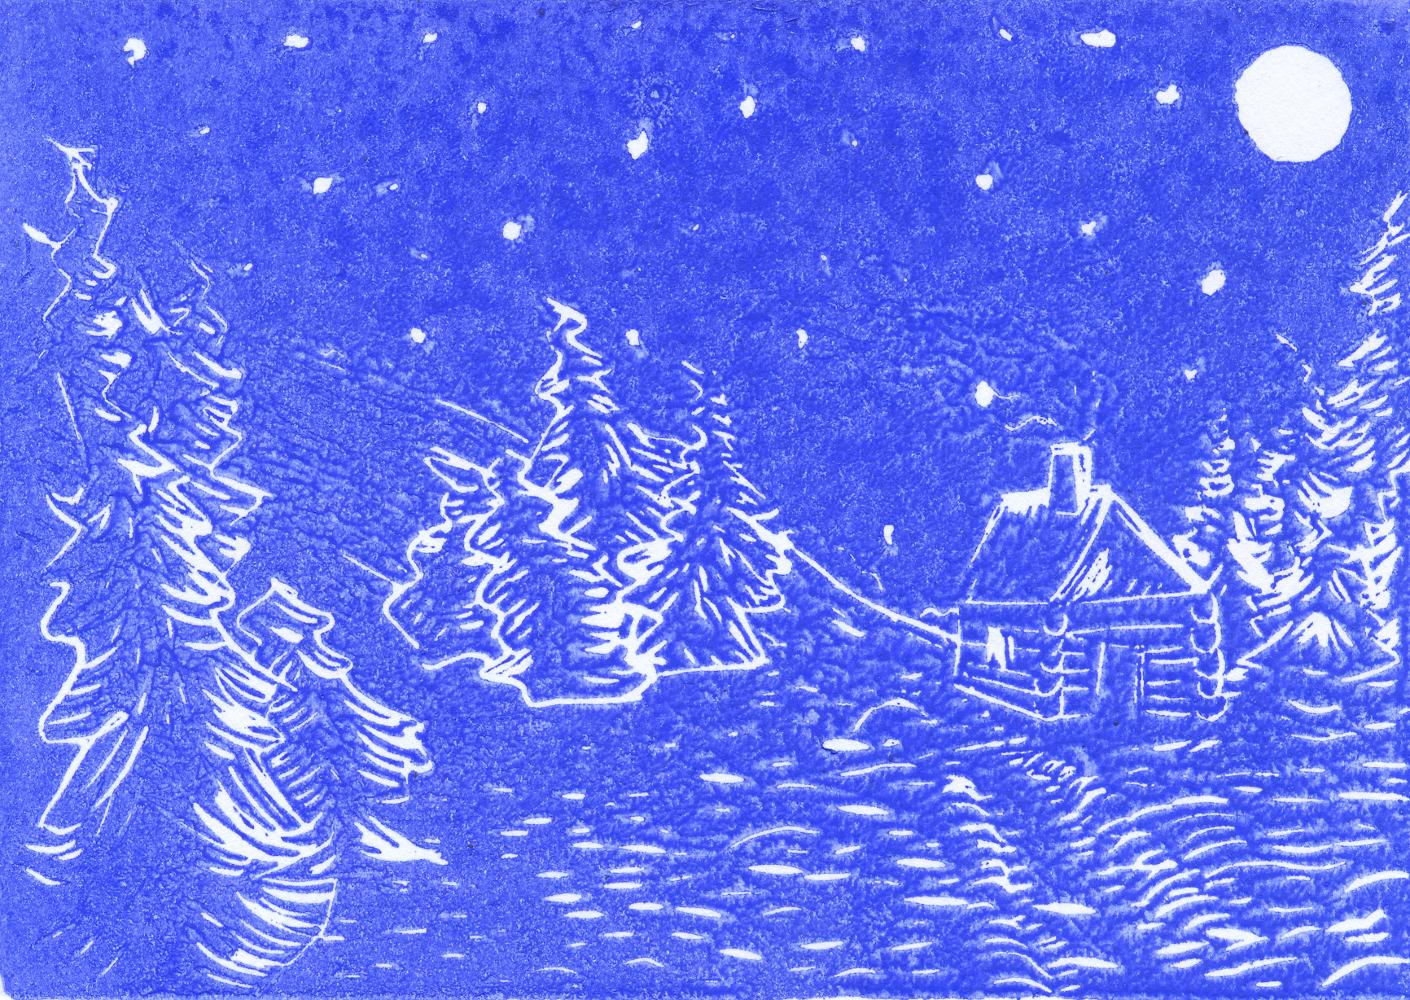 """""""Winter mountains II"""", 2018, linocut on cardboard, 15 x 11 cm"""